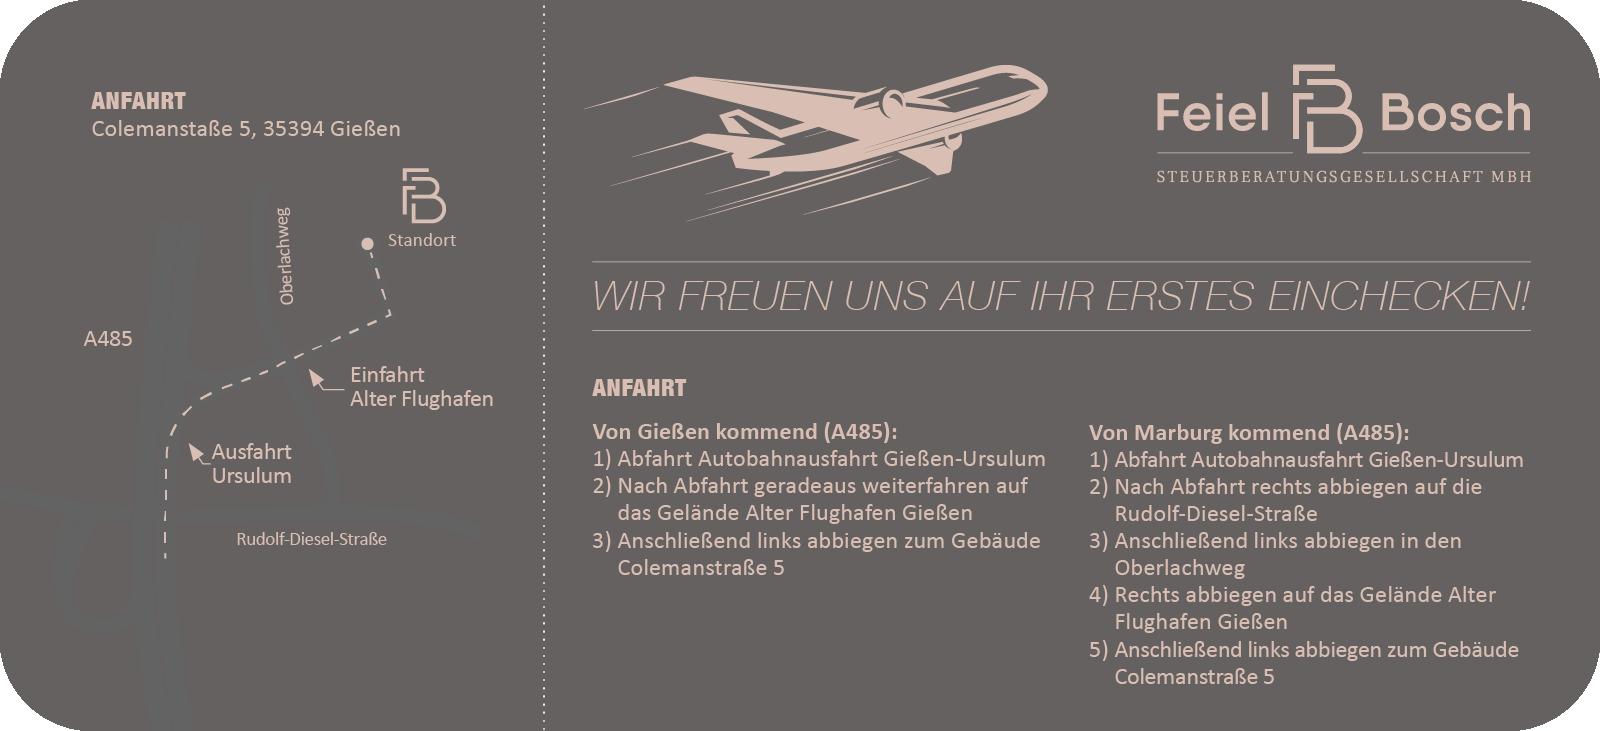 Feiel & Bosch - Boardingpass - Anfahrt